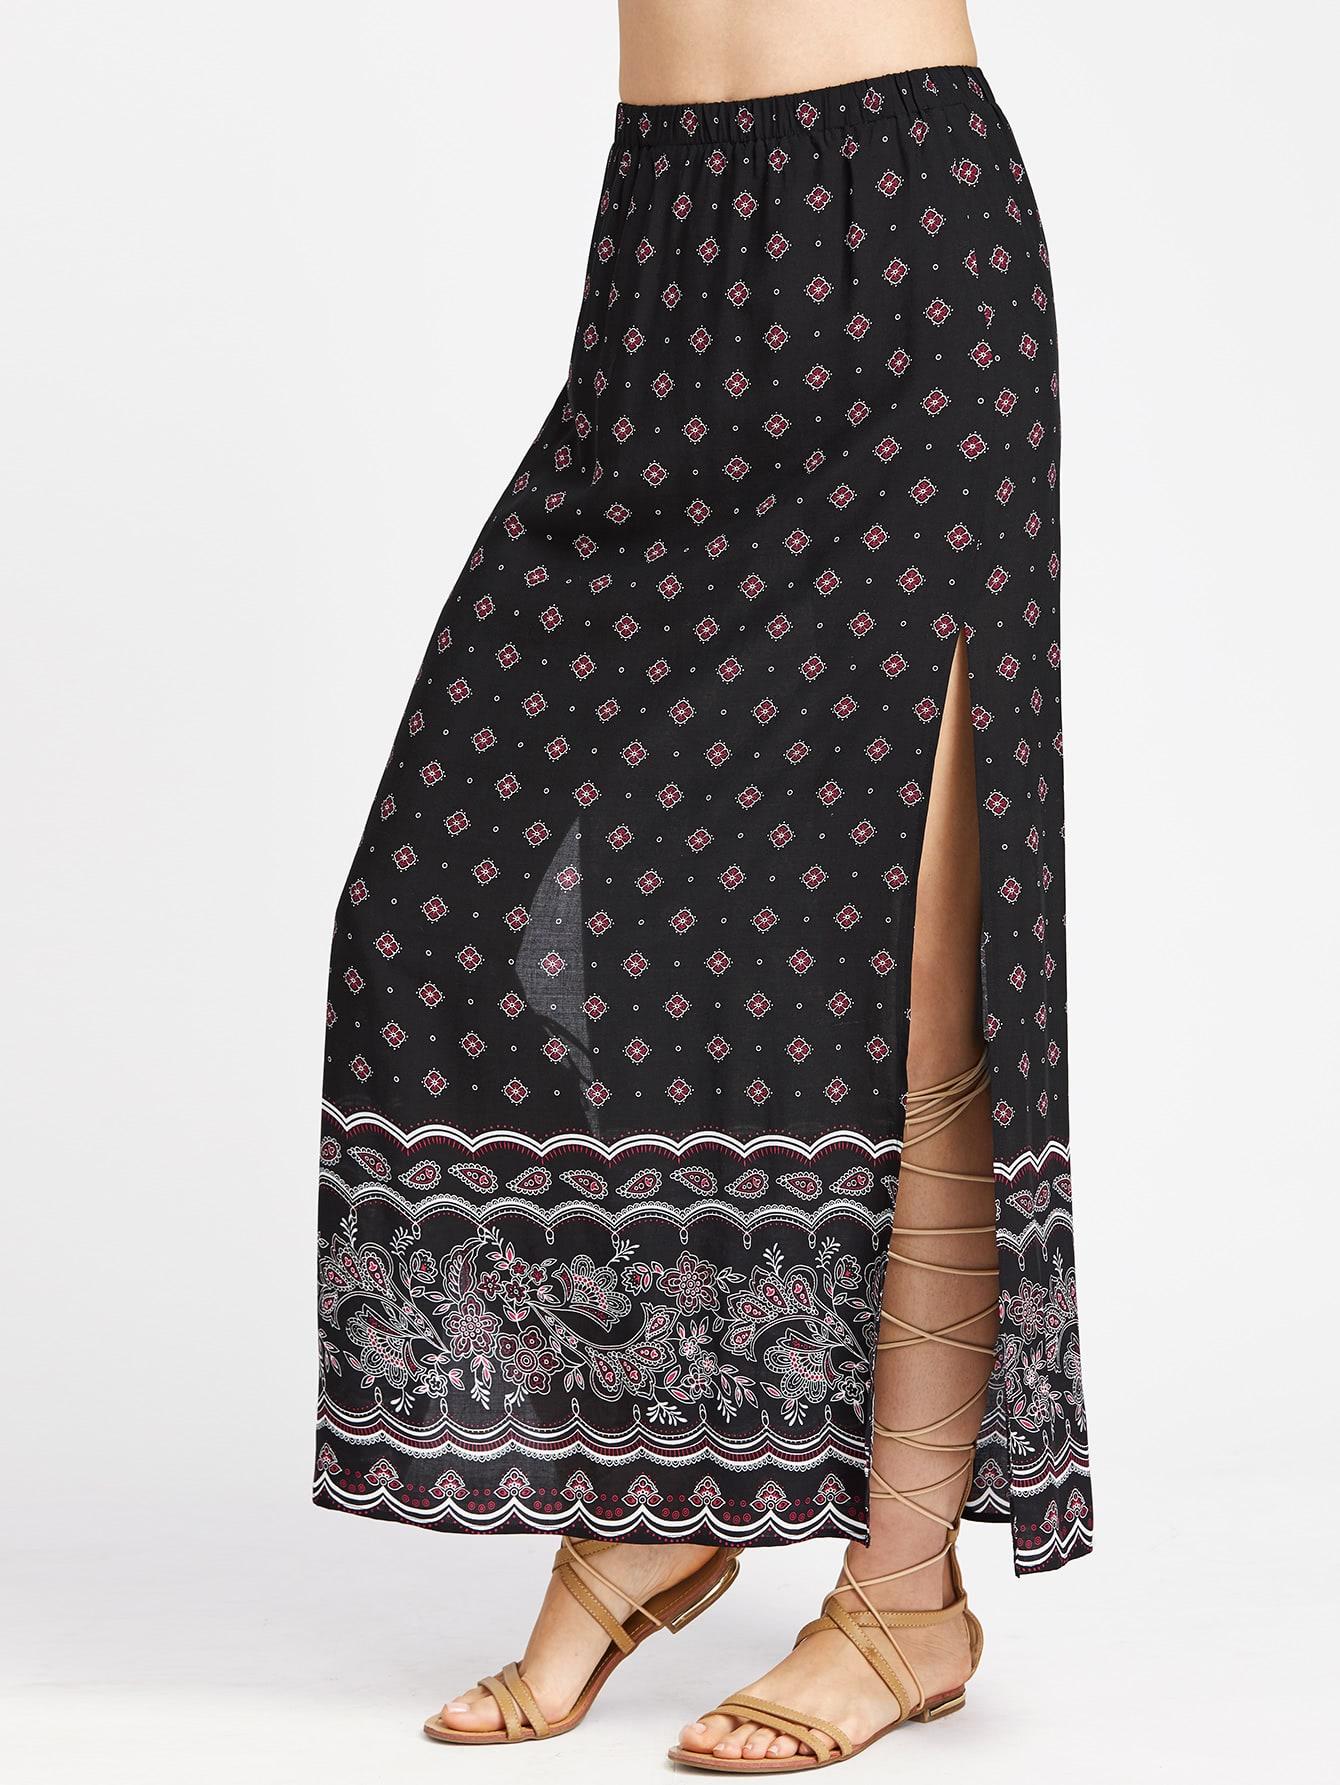 Ornate Print High Slit Side Longline Skirt